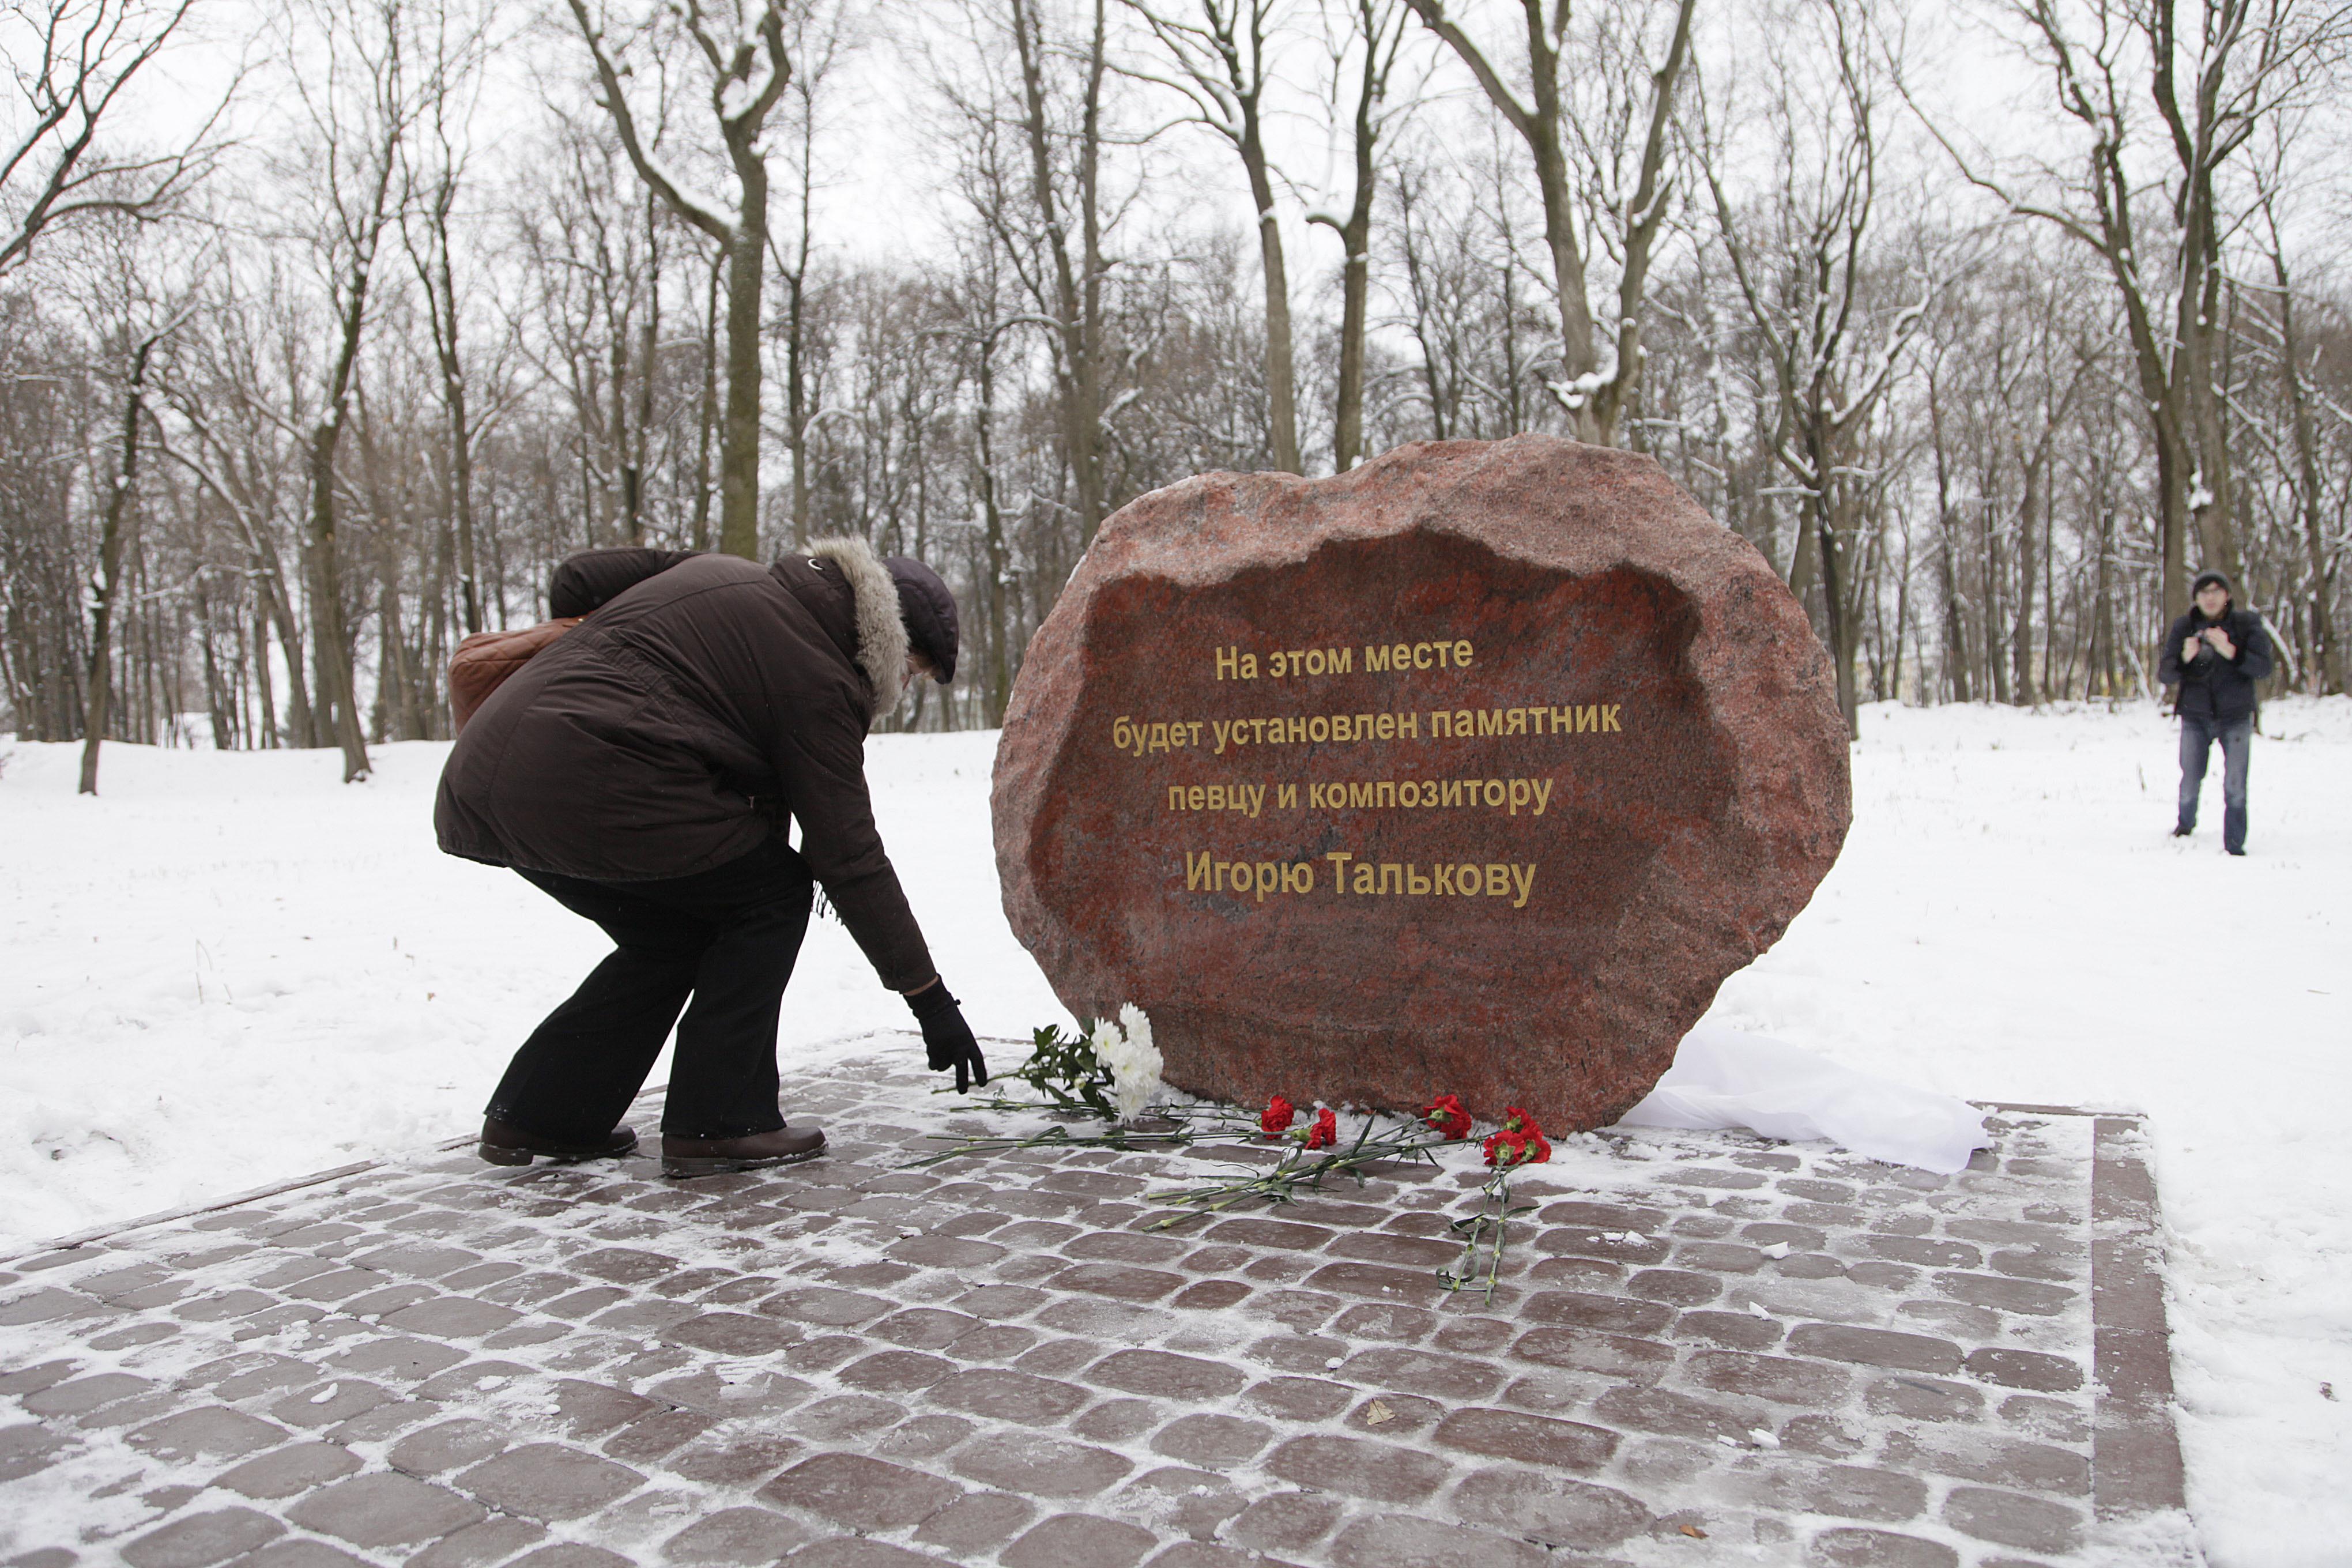 ВЩёкино заложат камень воснование монумента Игорю Талькову